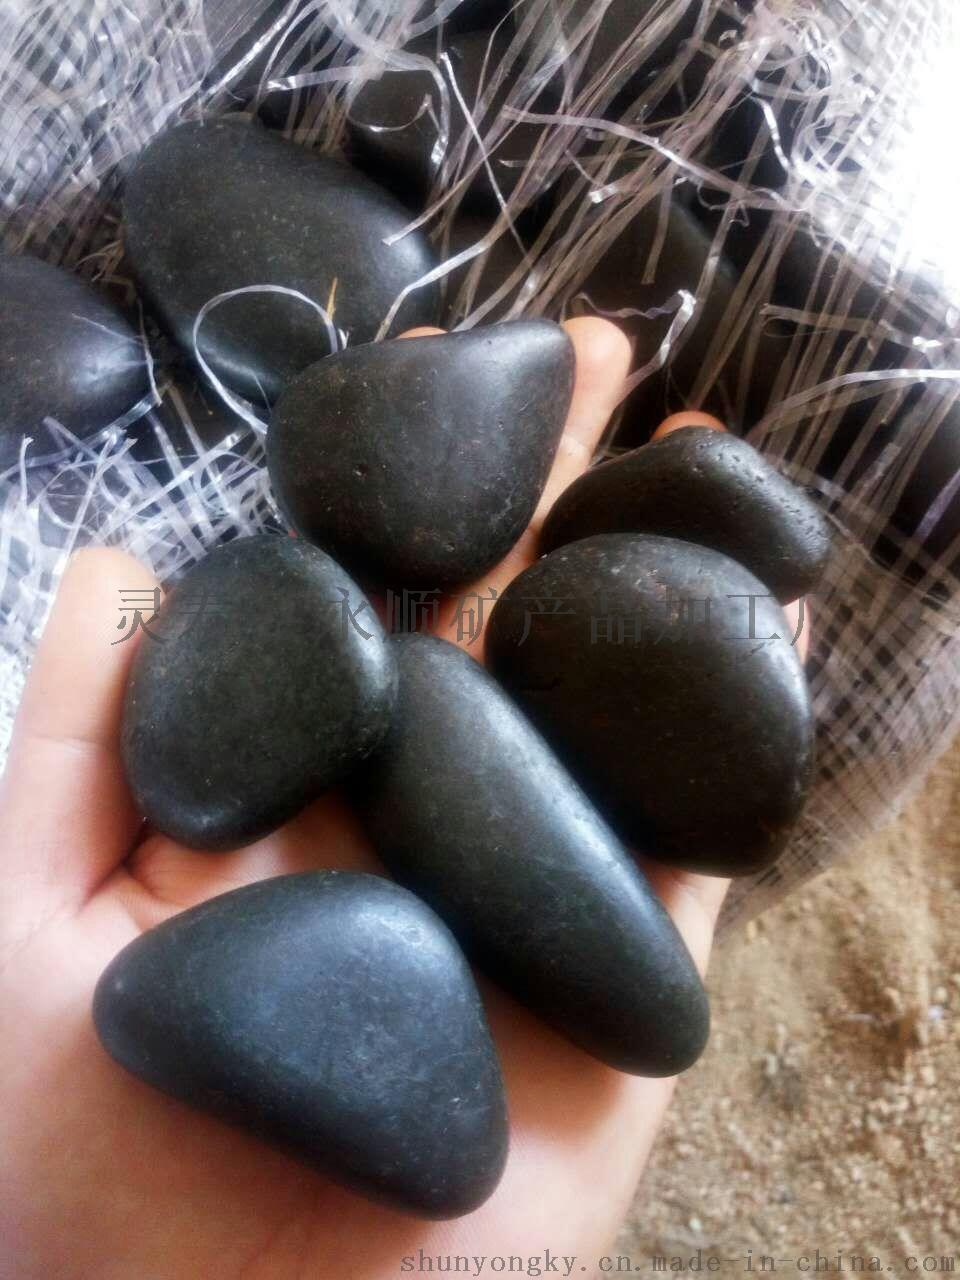 北京厂家直销3-5公分白色鹅卵石,黑色雨花石735173252